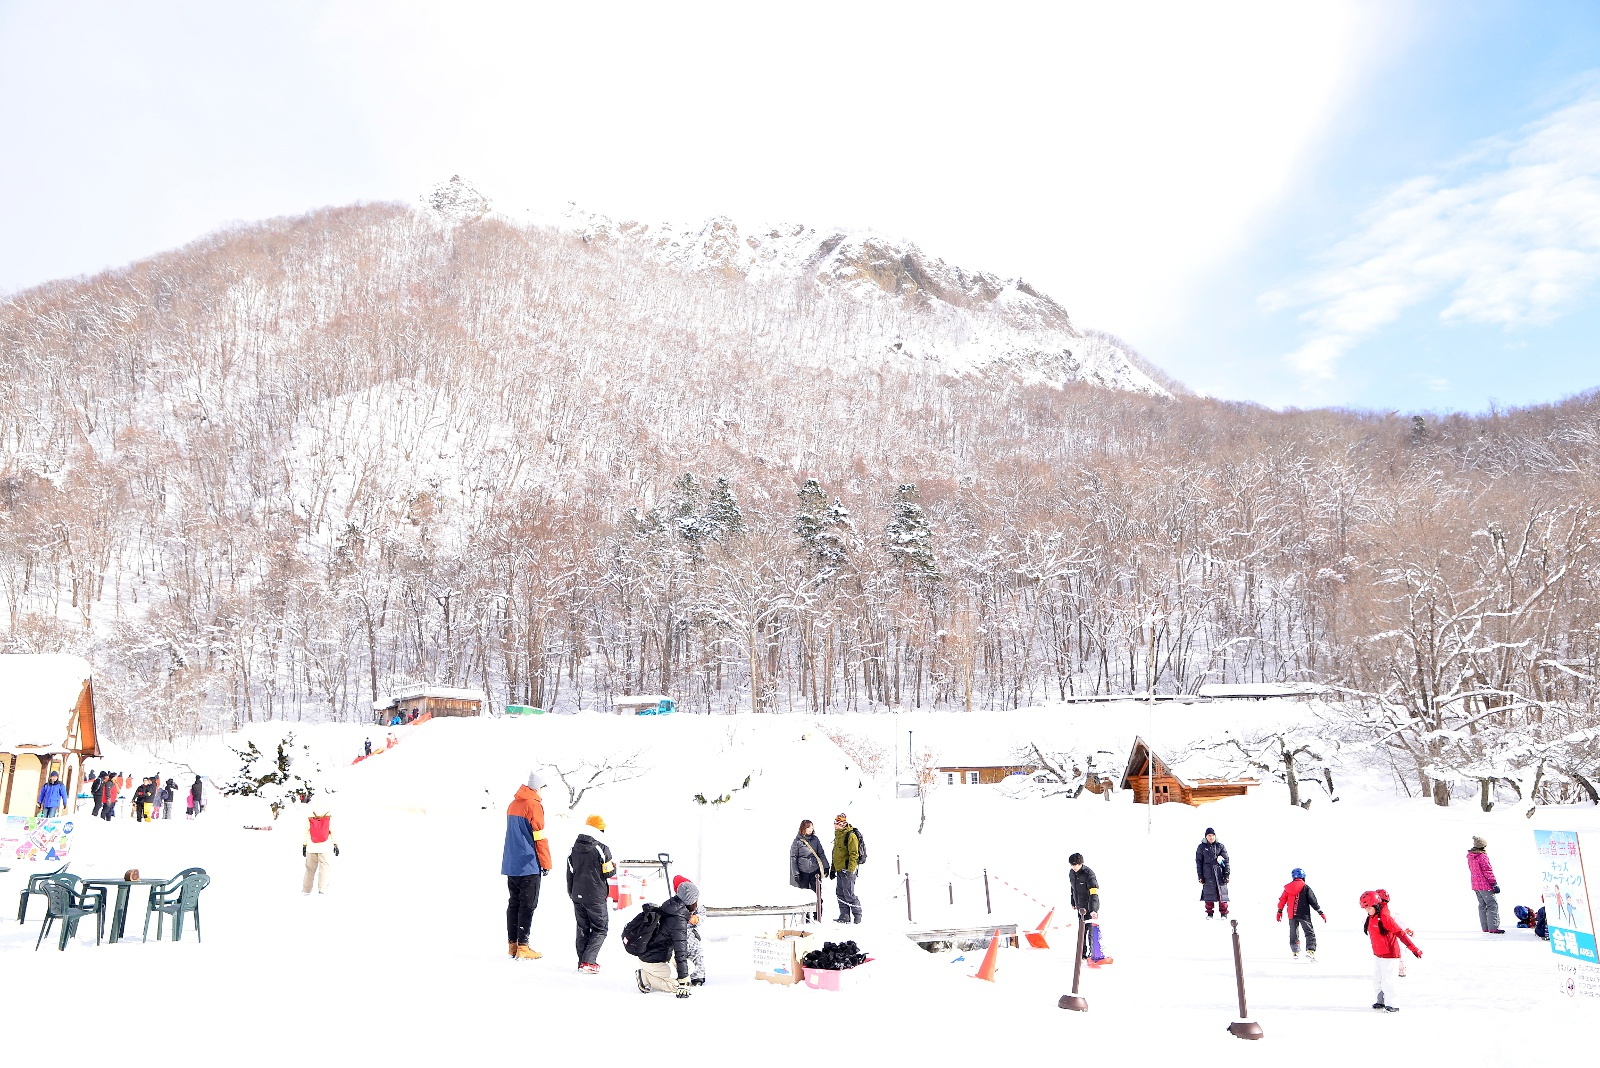 札幌・八剣山で雪遊びと極寒食を満喫! 「雪三舞(ゆきざんまい)2017」開幕